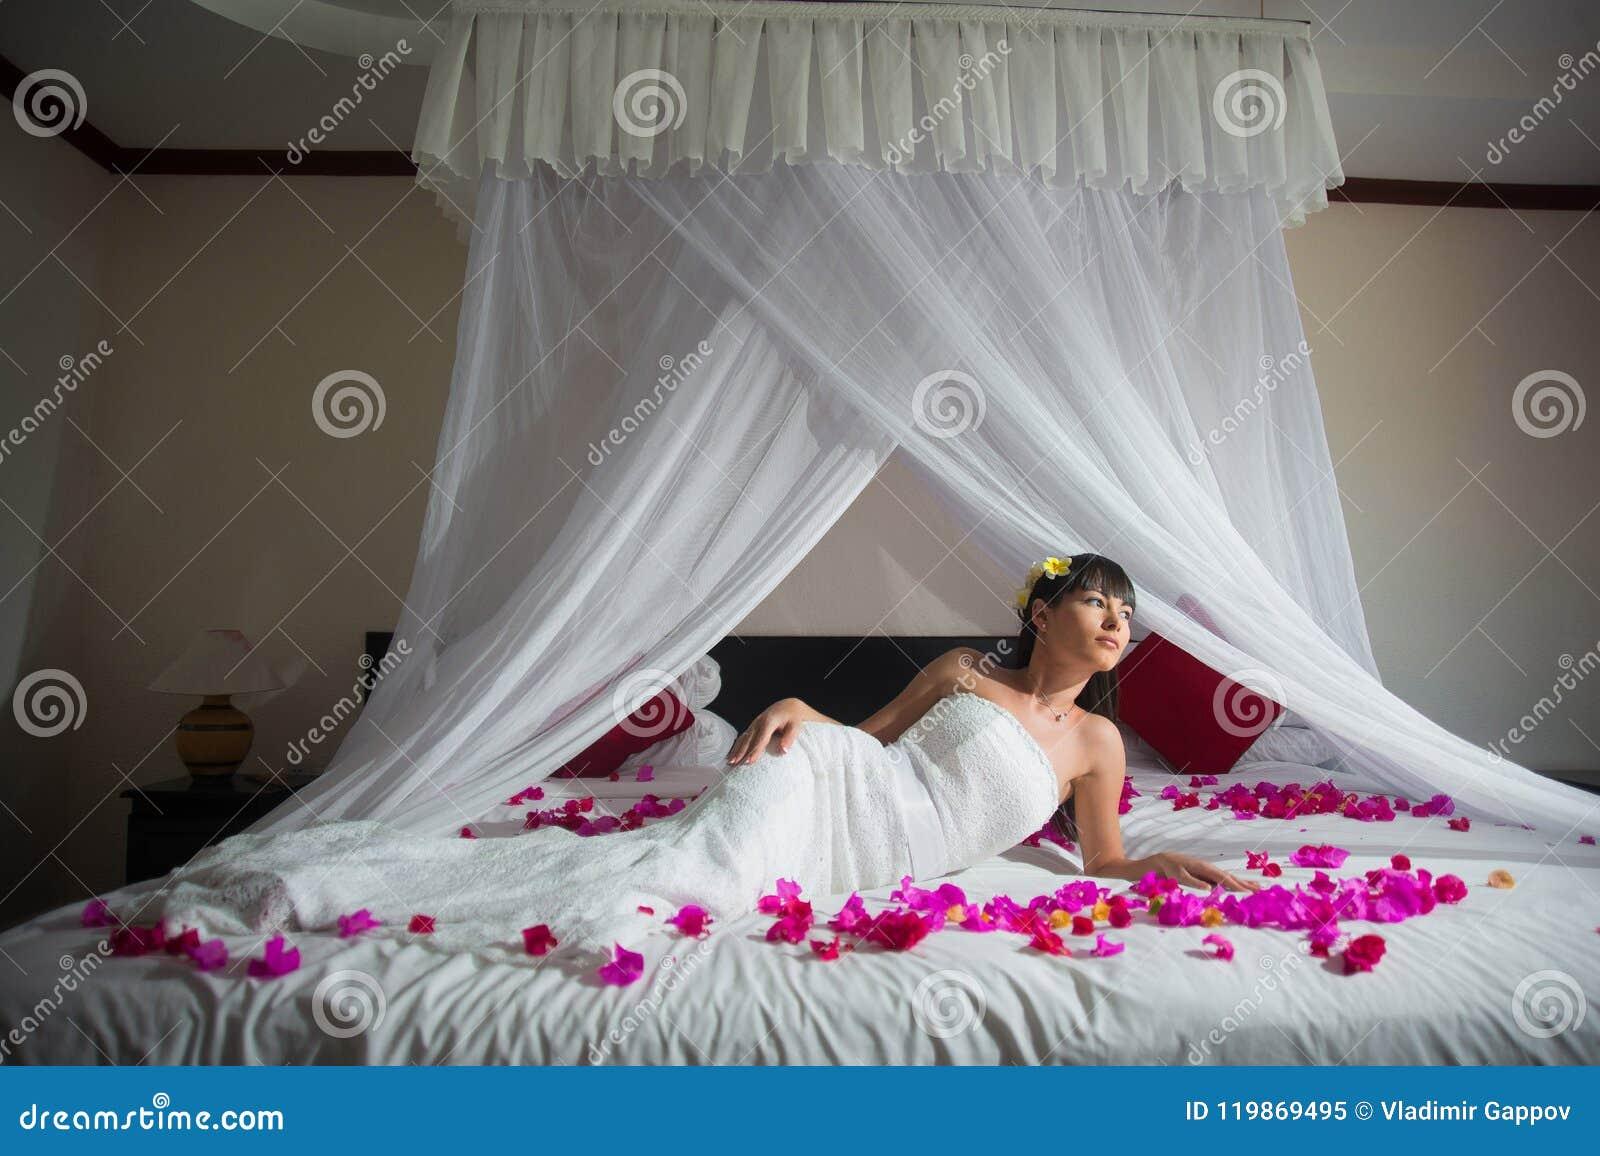 Heftige Sexfantasie Auf Dem Bett